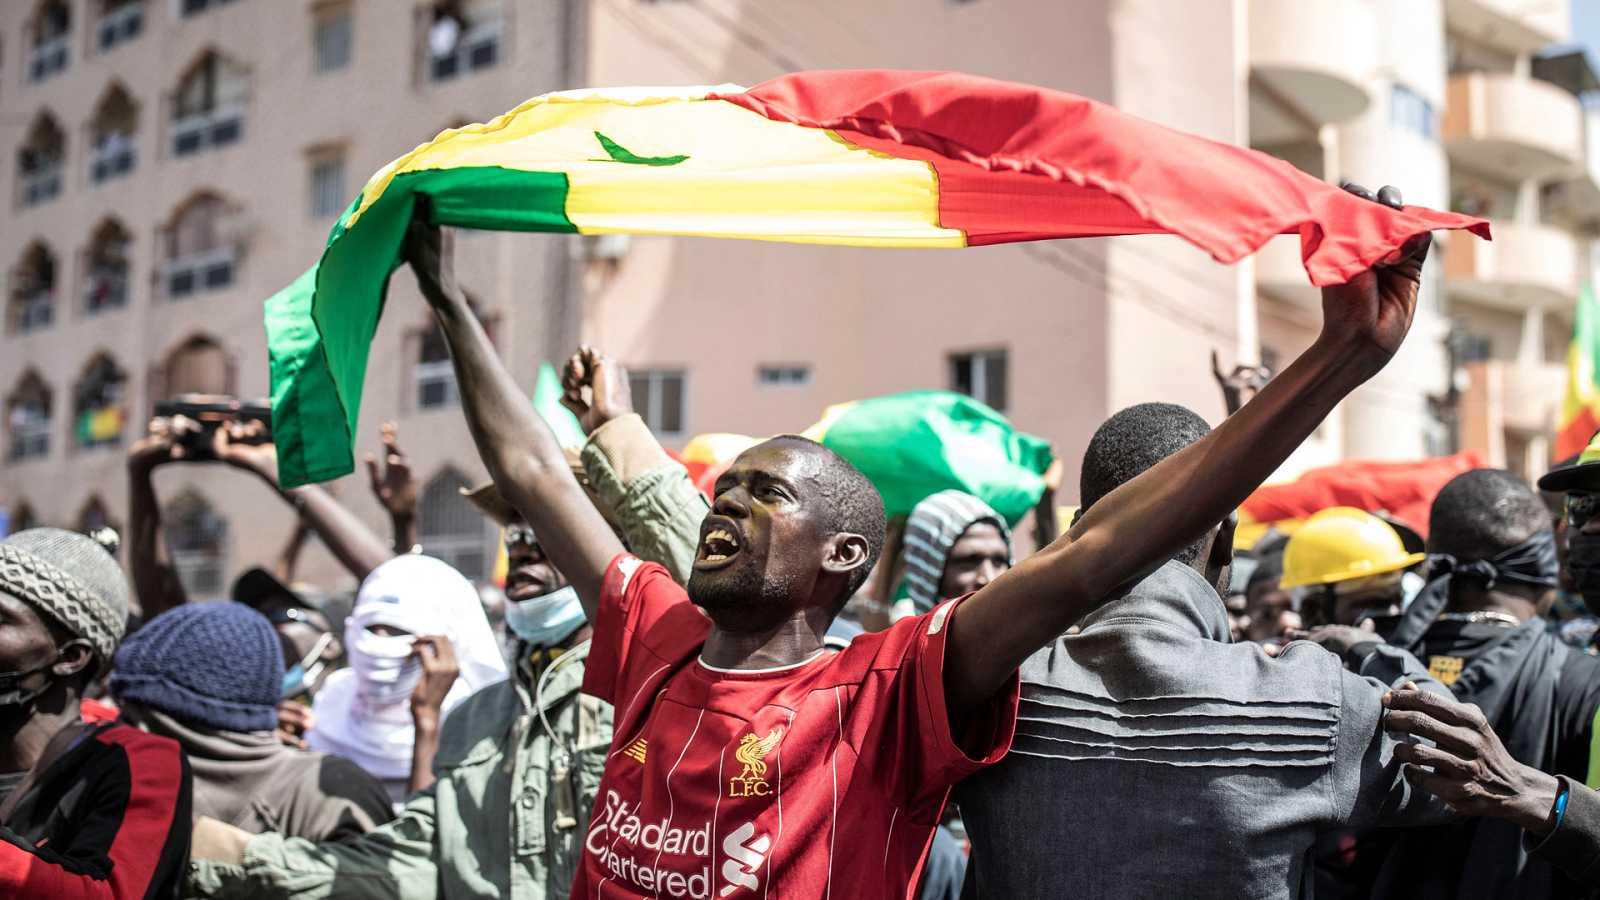 África hoy - Activistas senegaleses se manifiestan pidiendo la liberación del líder opositor Ousmane Sonko - 24/03/21 - escuchar ahora